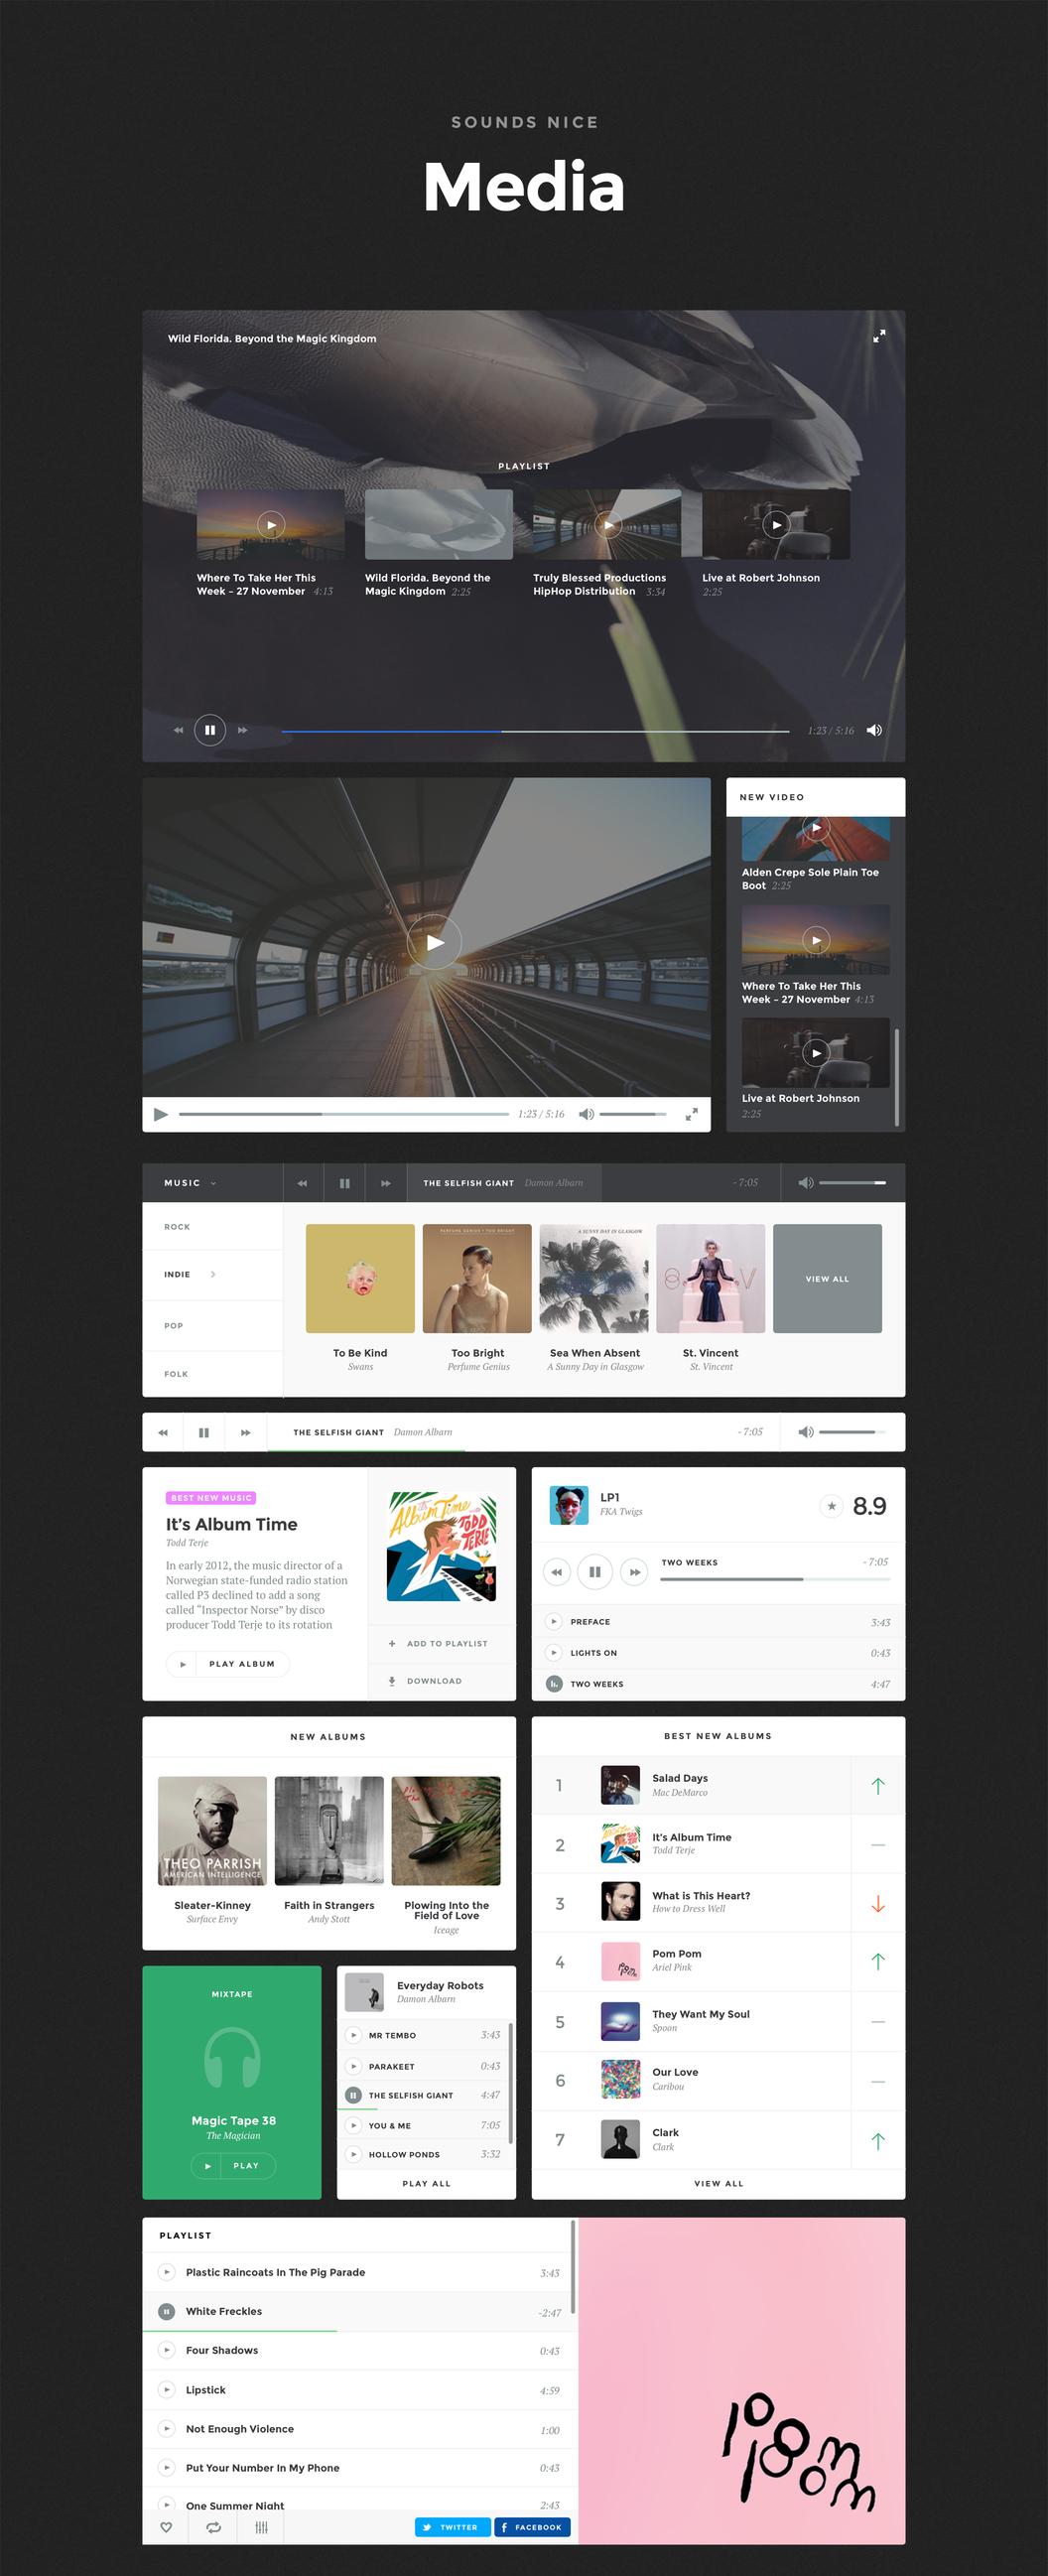 web ui design tools - full_Media_1421784235920